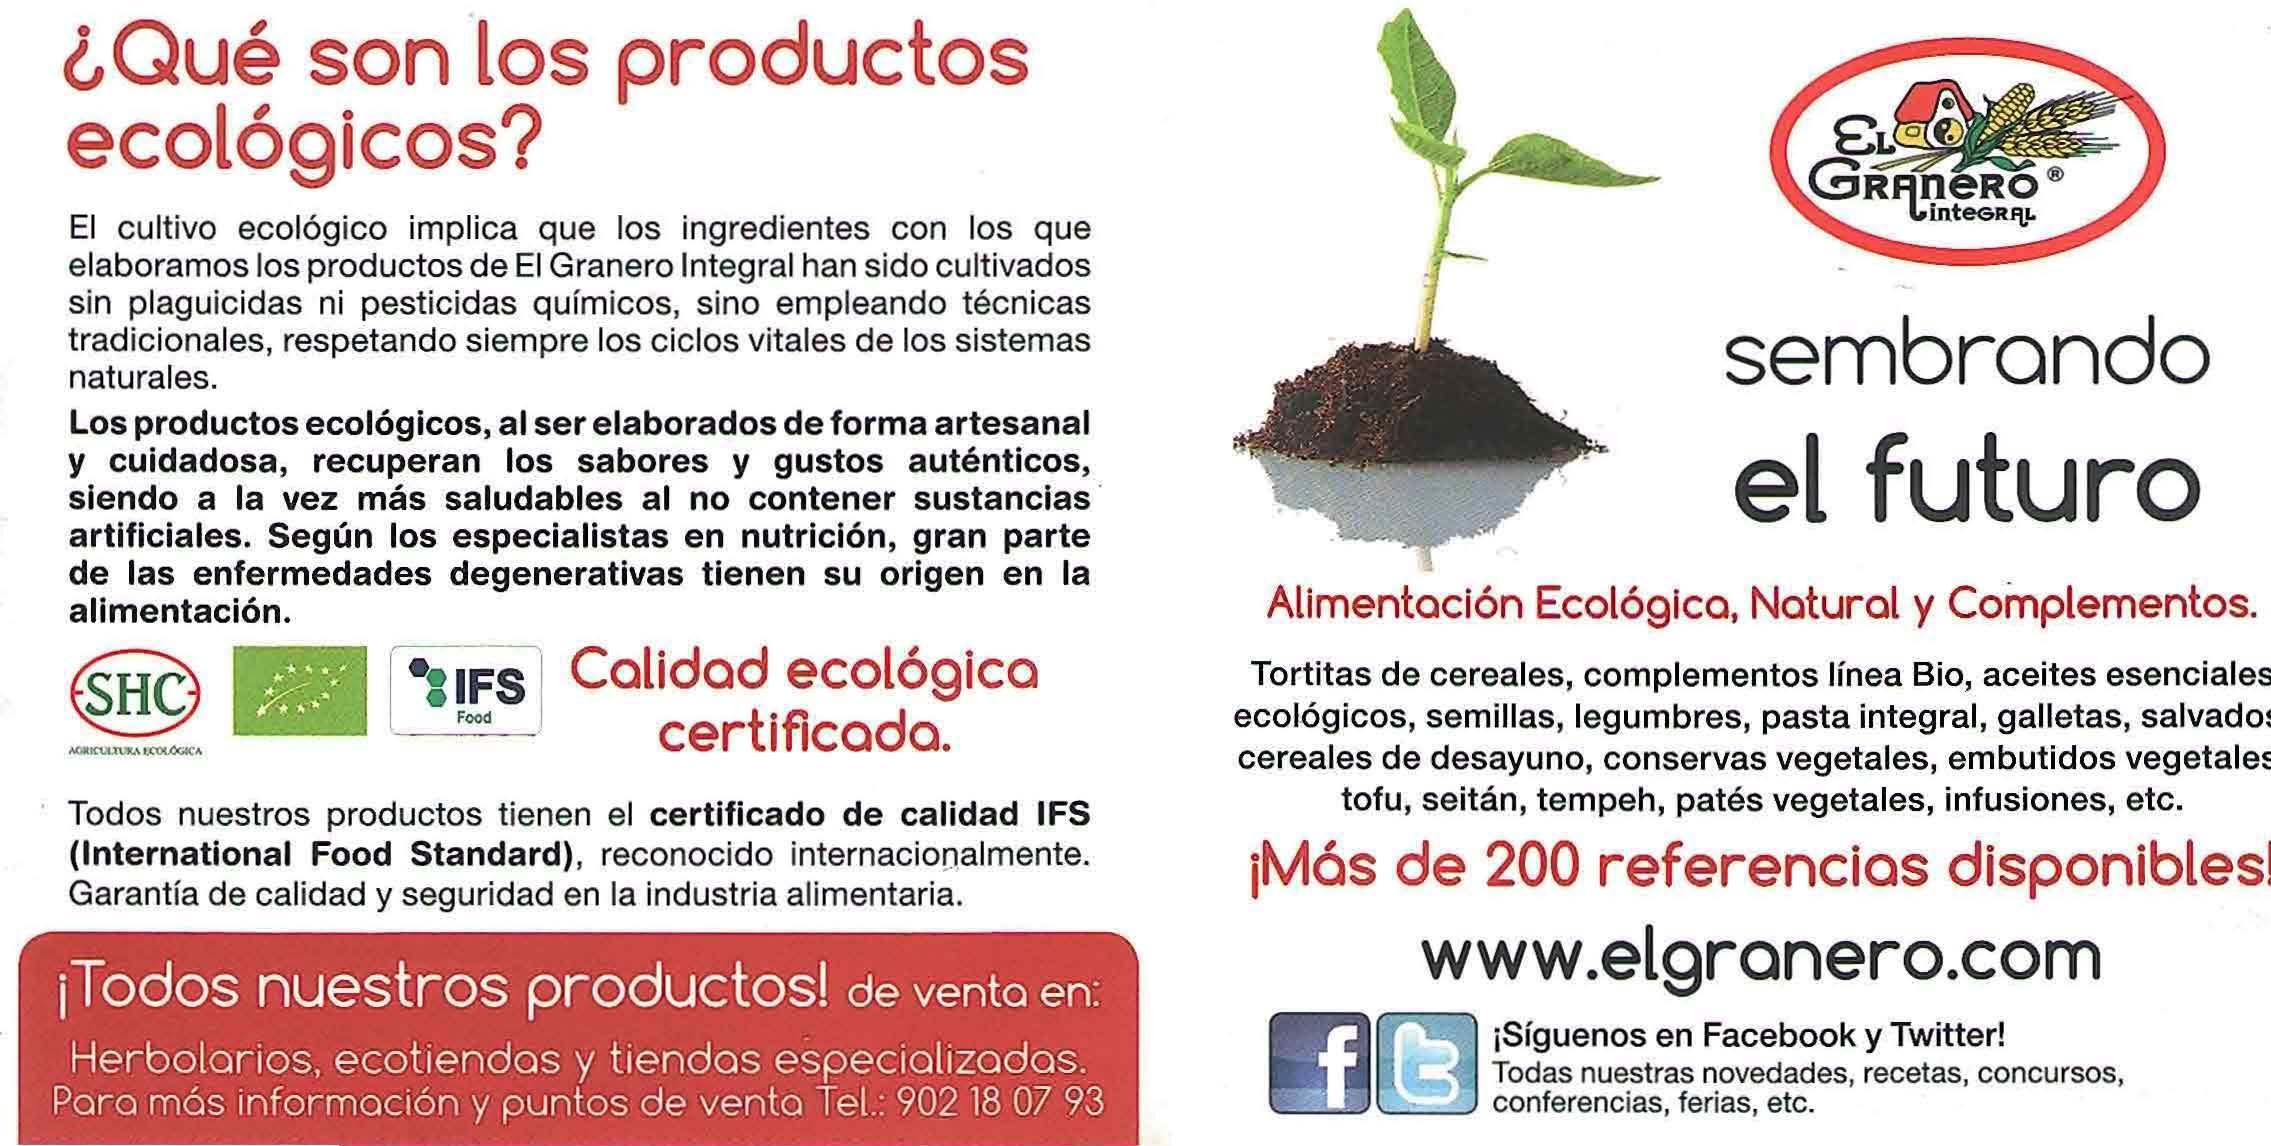 promocion2 el_granero_integral ASACO febrero 2014_Página_2